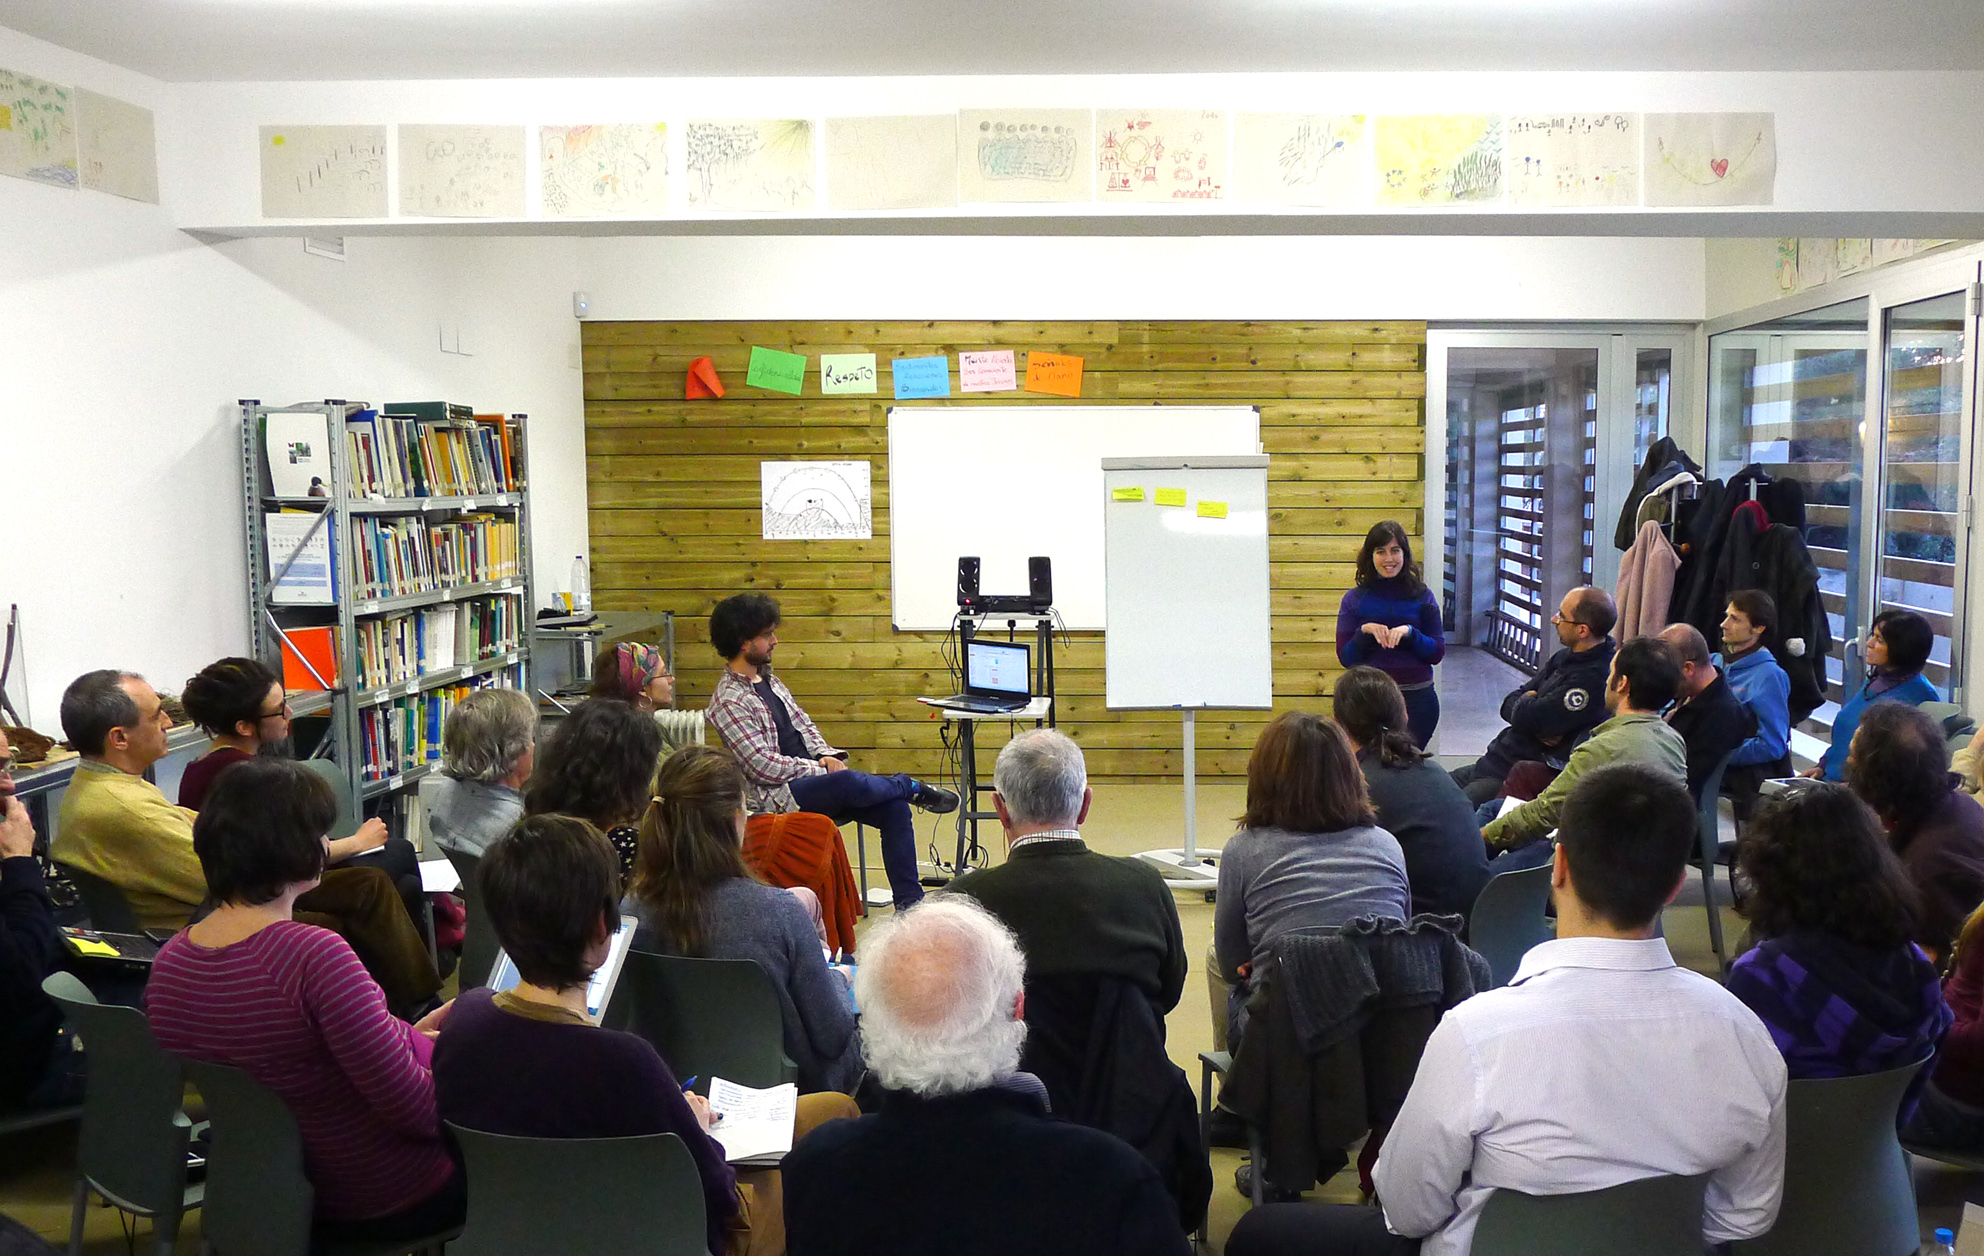 Barreras y oportunidades para las iniciativas sociales hacia la sostenibilidad - Creando puentes en tiempos de Cambio 1